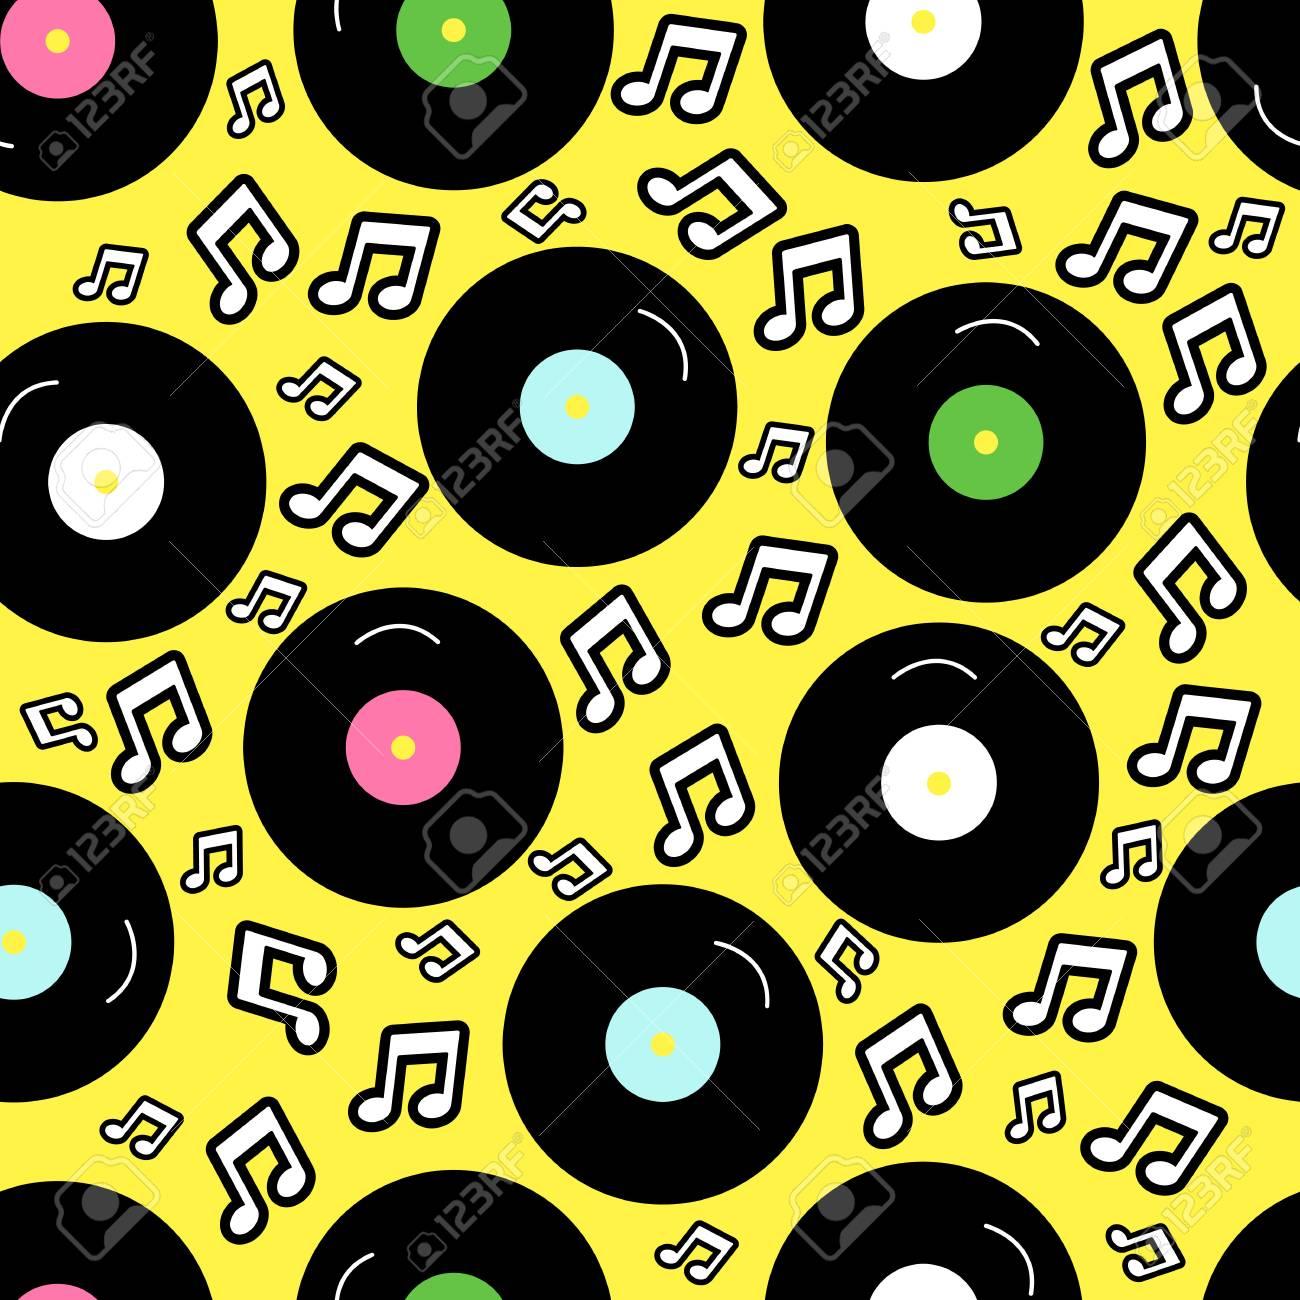 80s Nostalgia Style Vintage Retro Vector Fashion Seamless Background Pattern With Vinyl Record